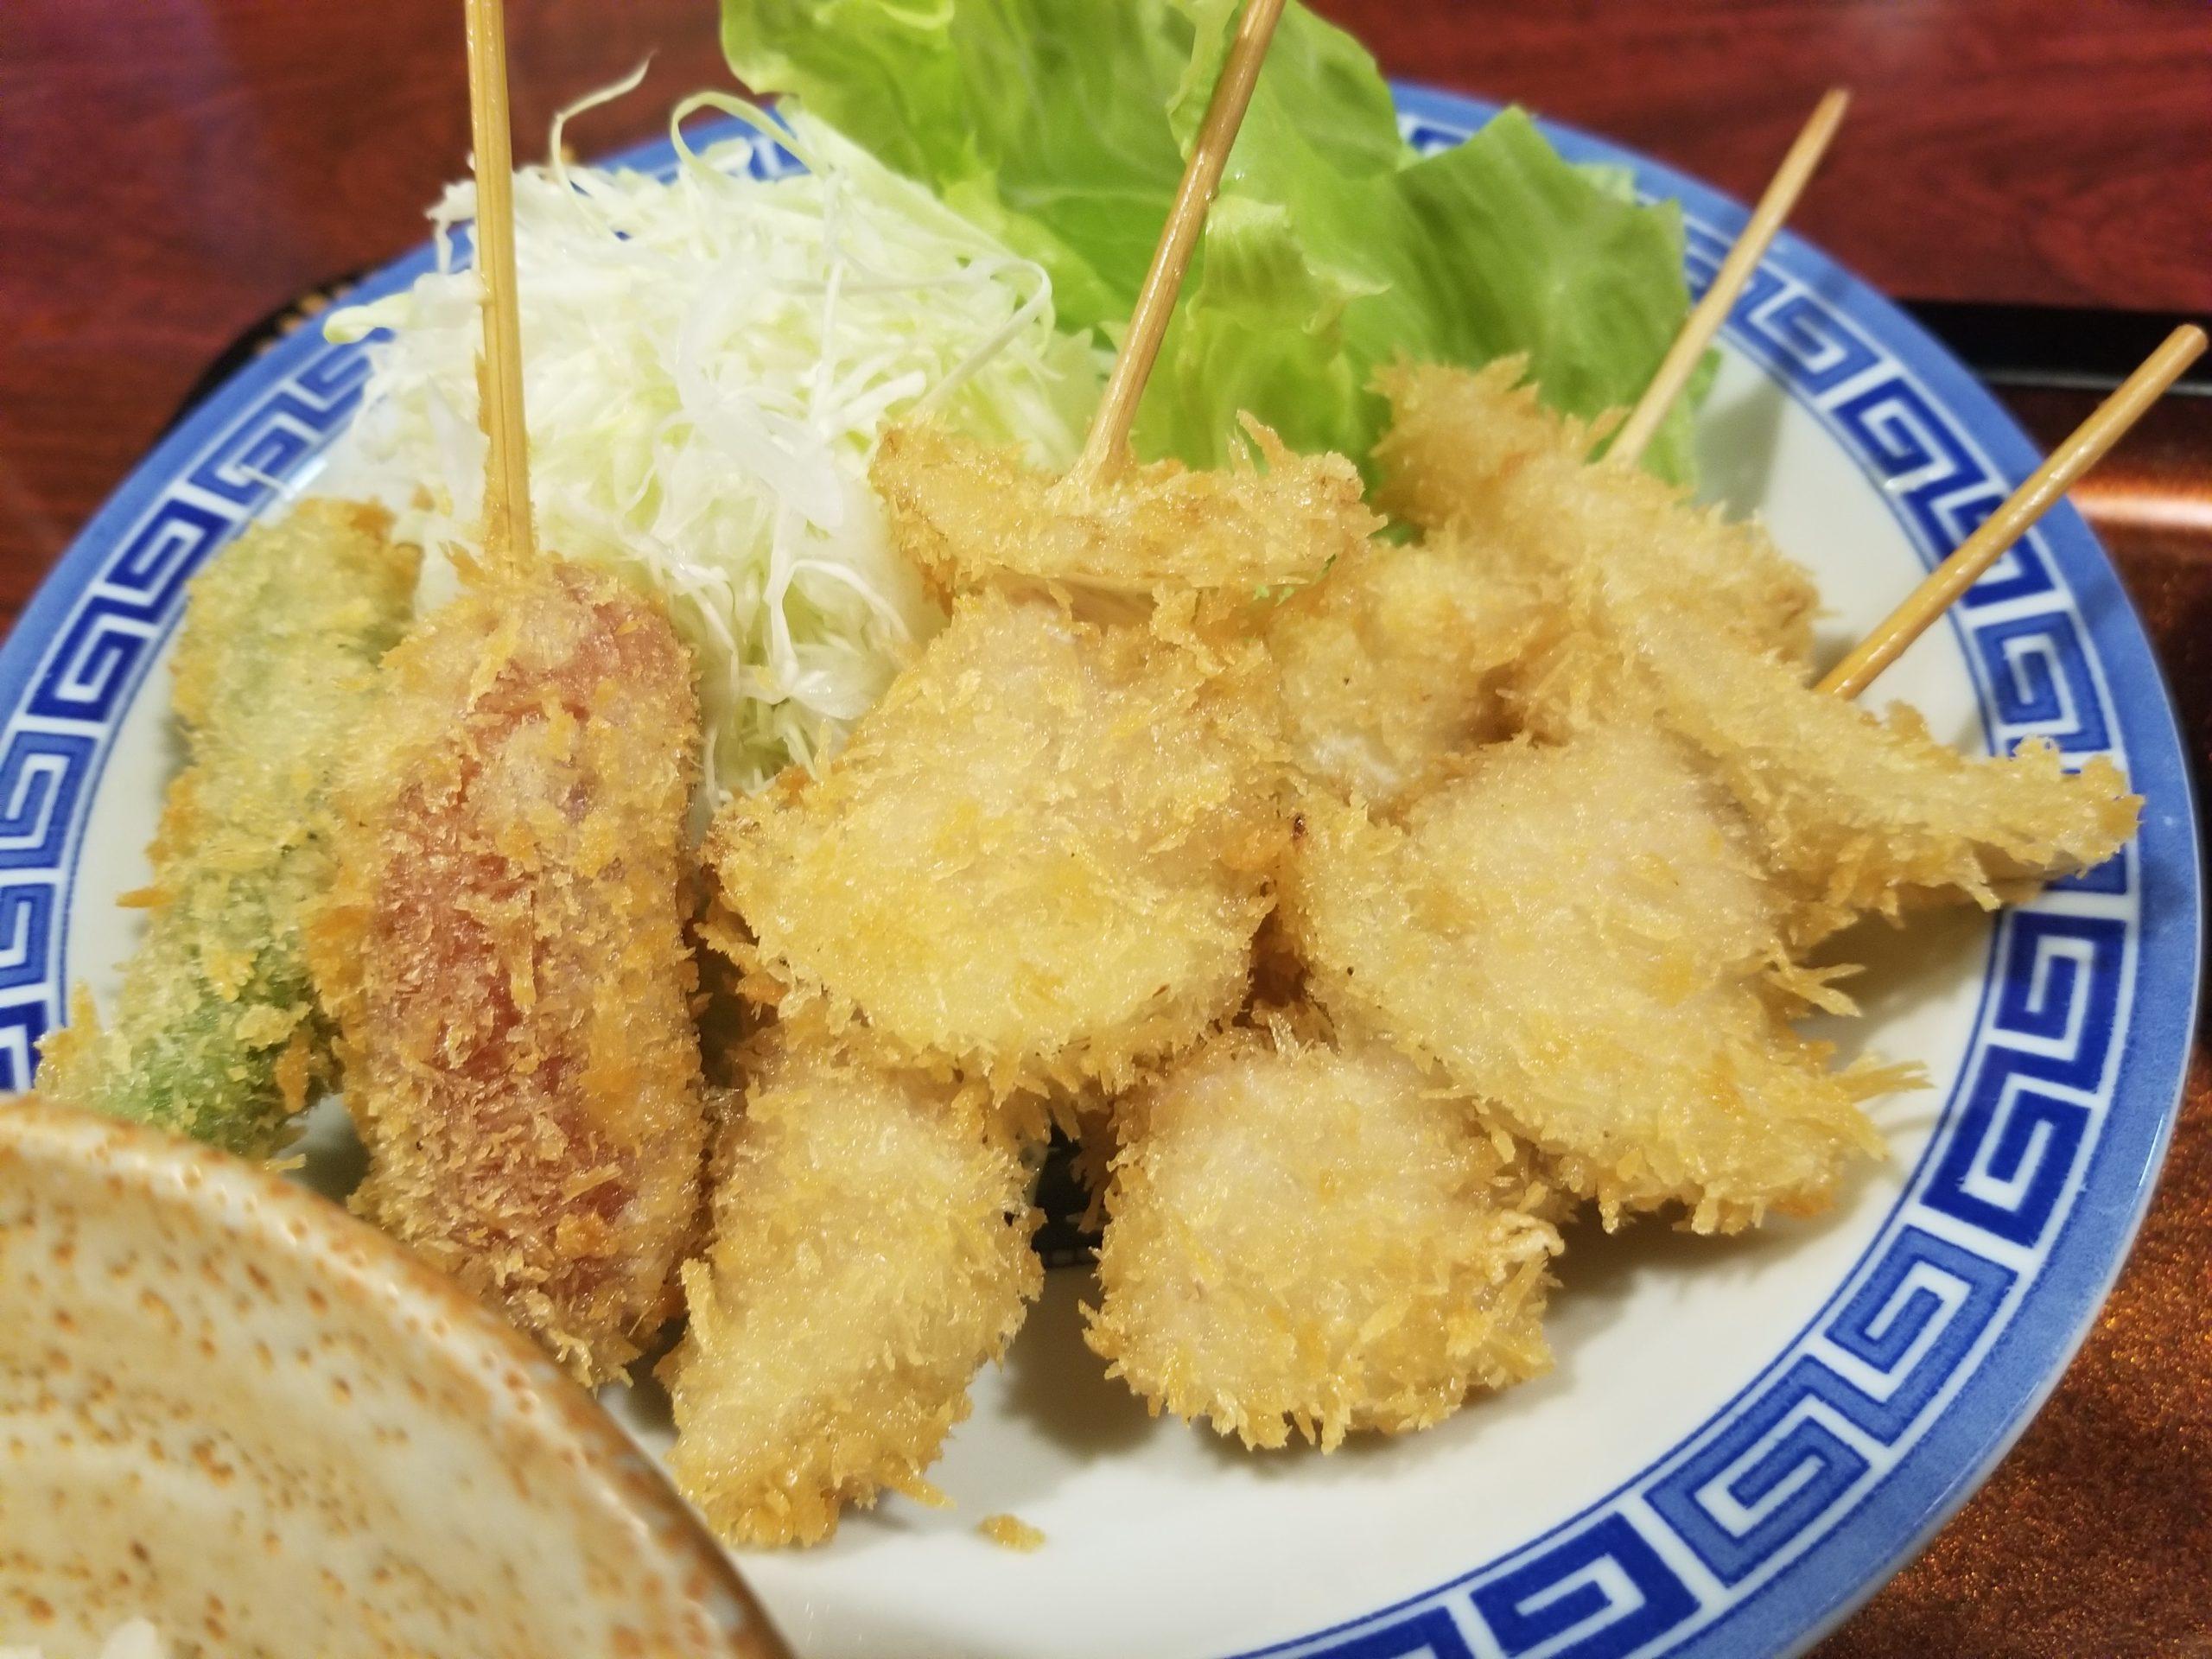 「串かつ草間(くさま)」でワンコインで格別に美味しい串カツランチ定食!【七尾市】